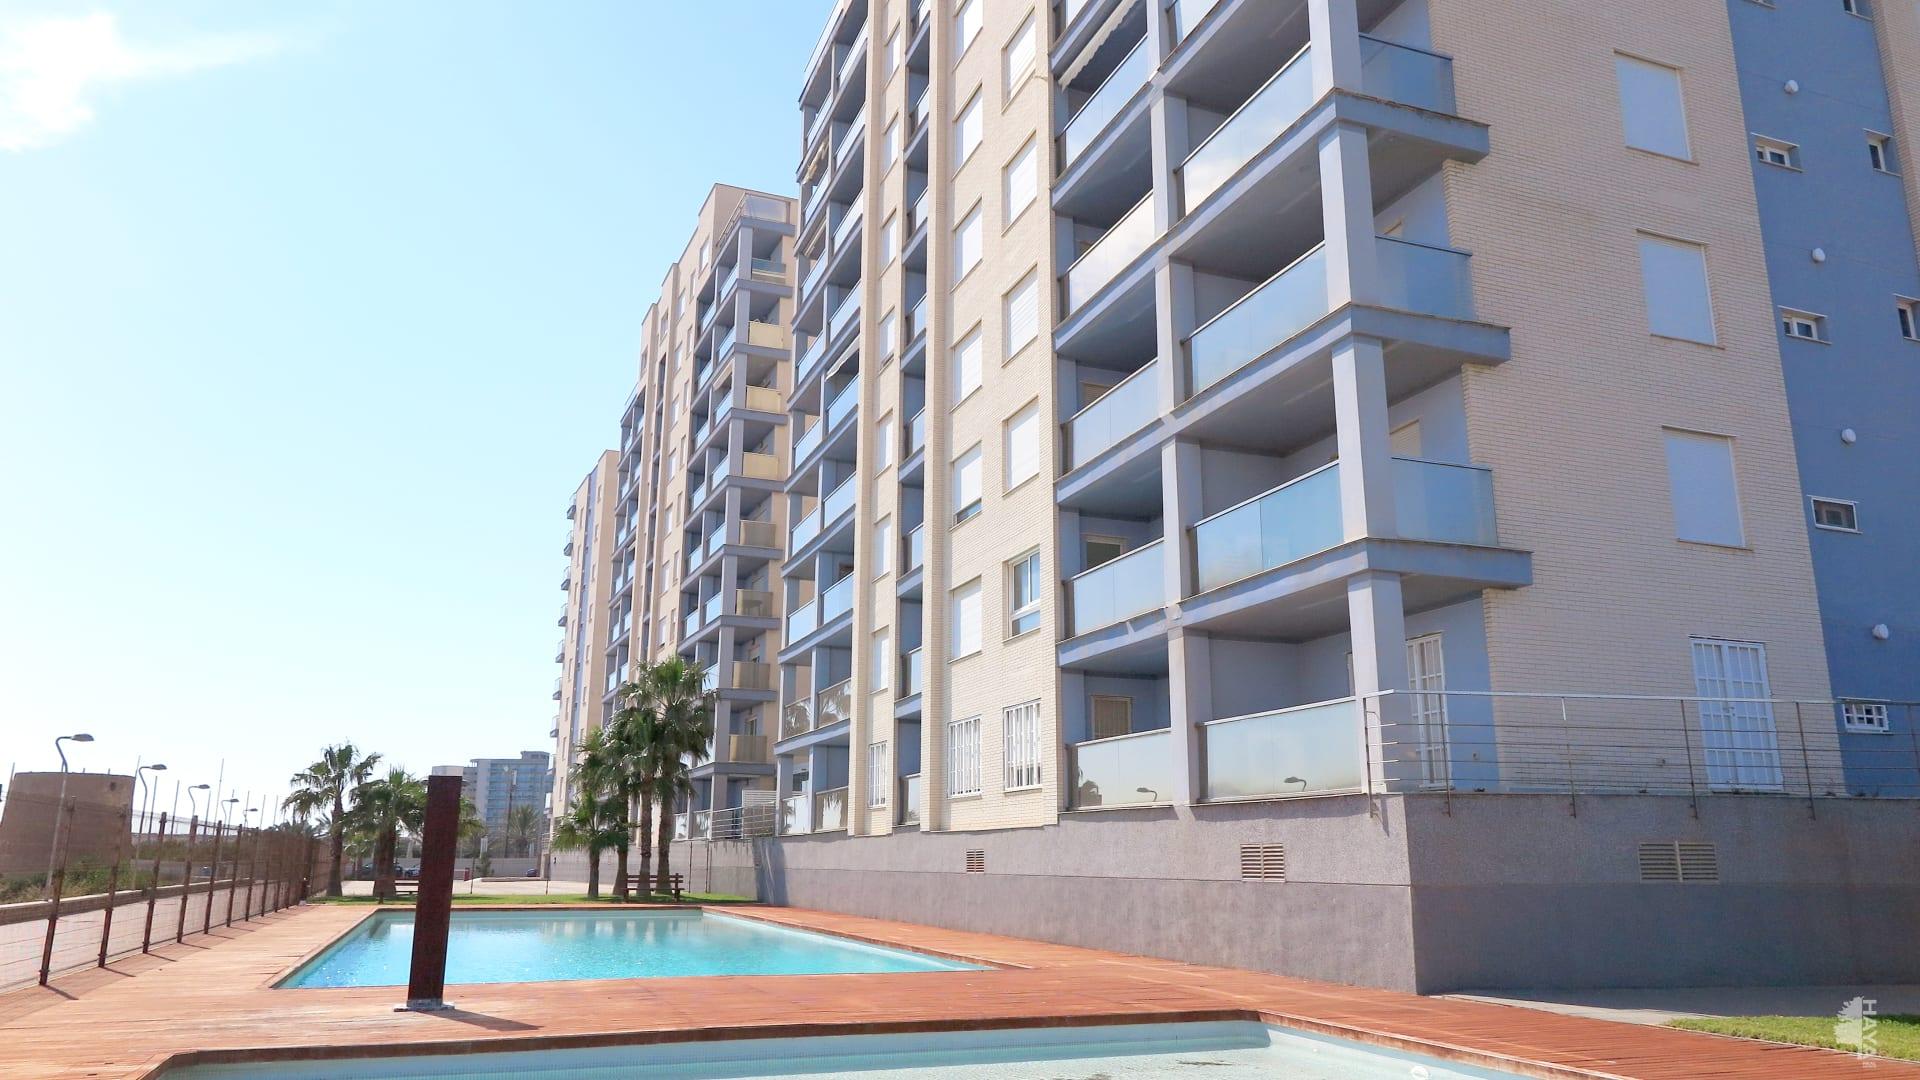 Piso en venta en San Javier, Murcia, Calle Prolongación Pol F. Conj Resid. Veneziola Golf Ii, 151.000 €, 3 habitaciones, 2 baños, 70 m2